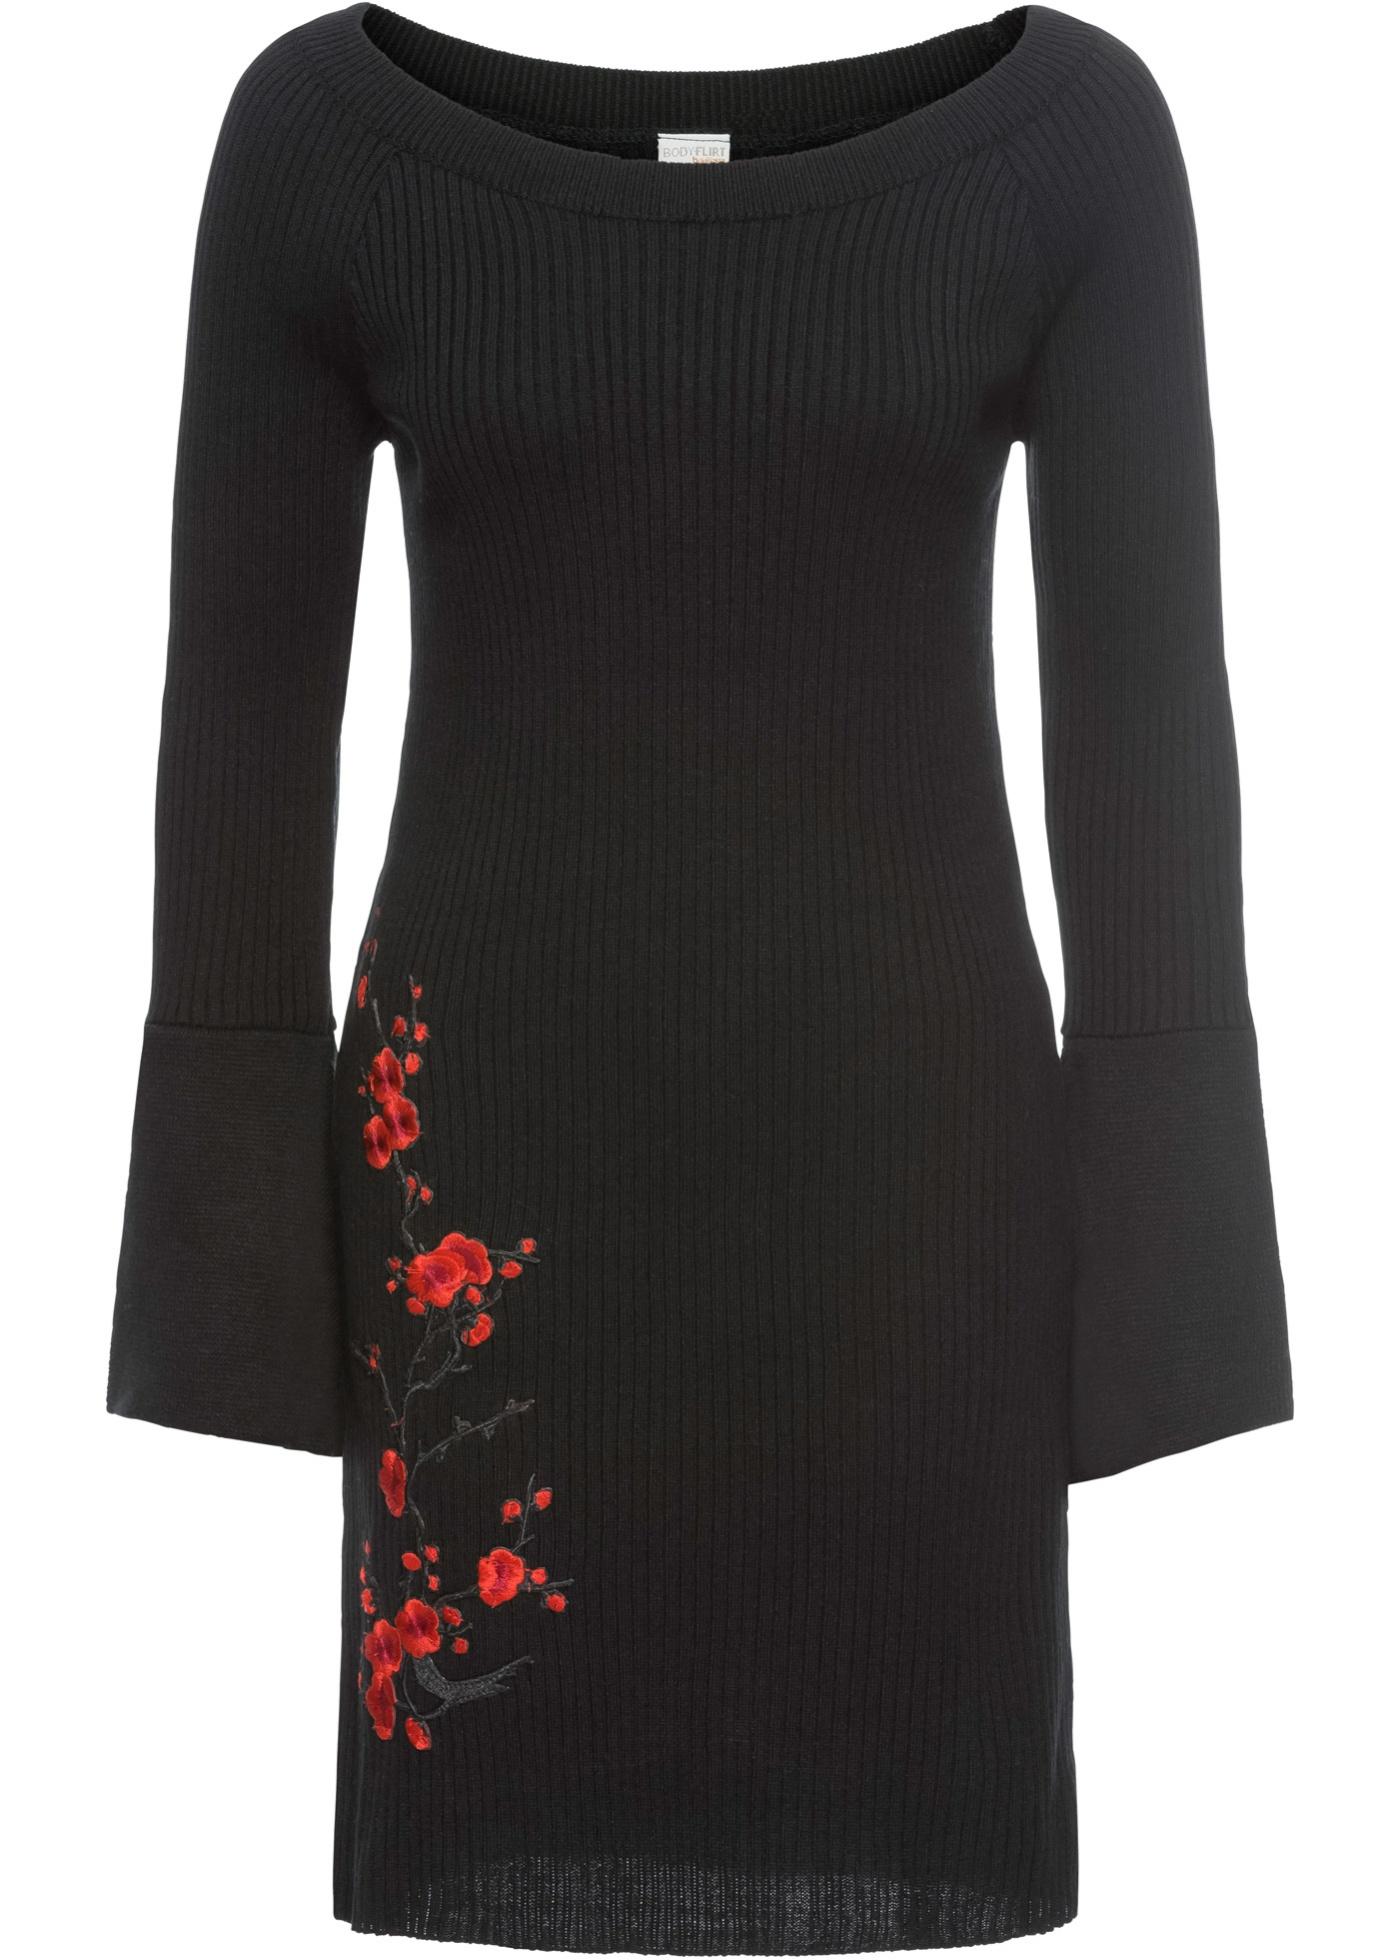 Bonprix SE - Stickad klänning med broderi 349.00